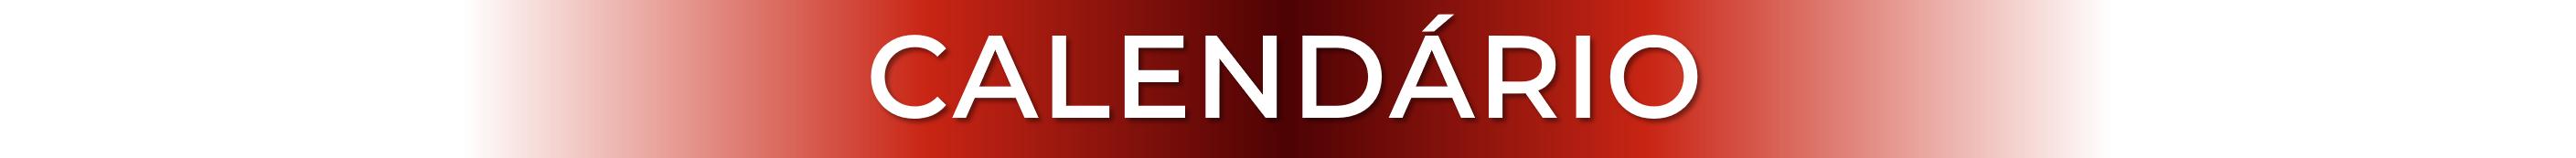 DM_Calendário_new